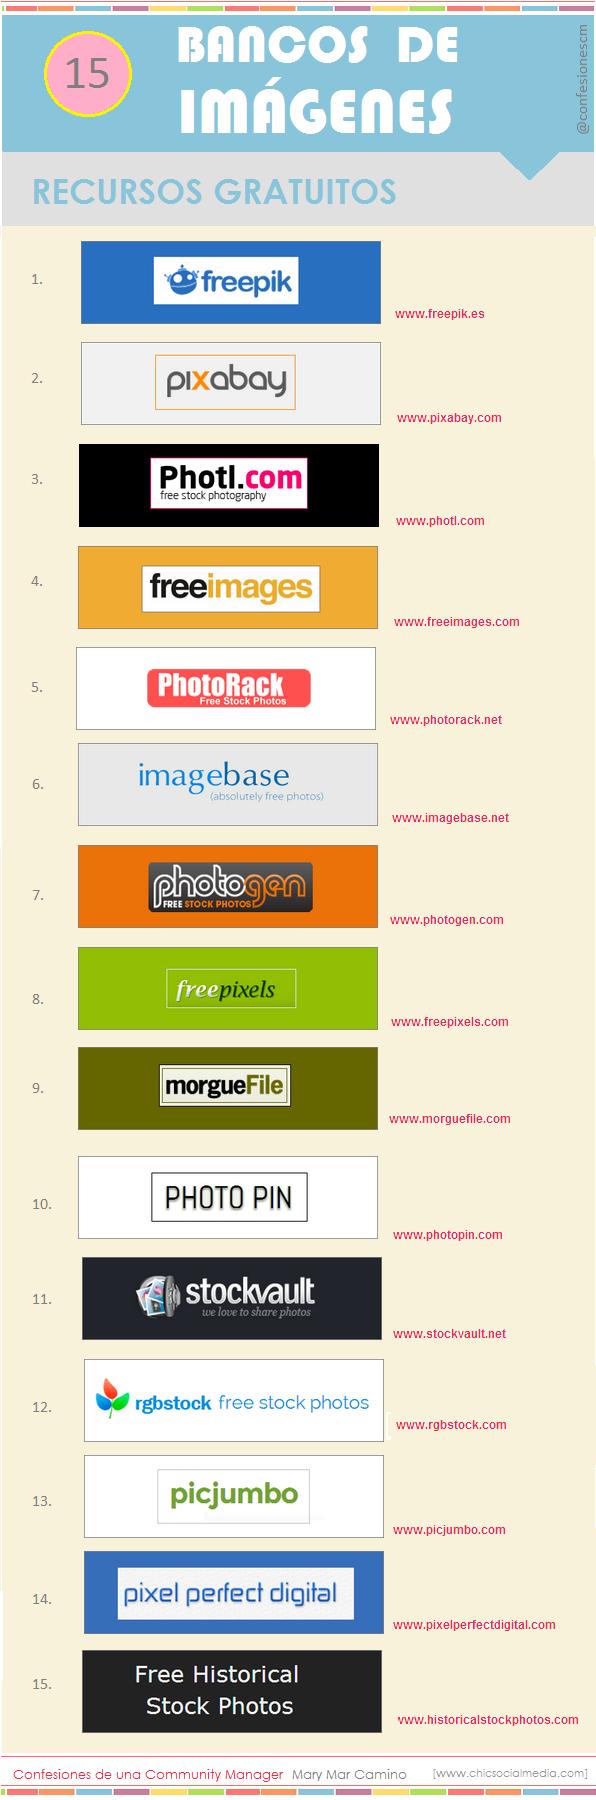 15 sitios de descargas gratuitas de imágenes